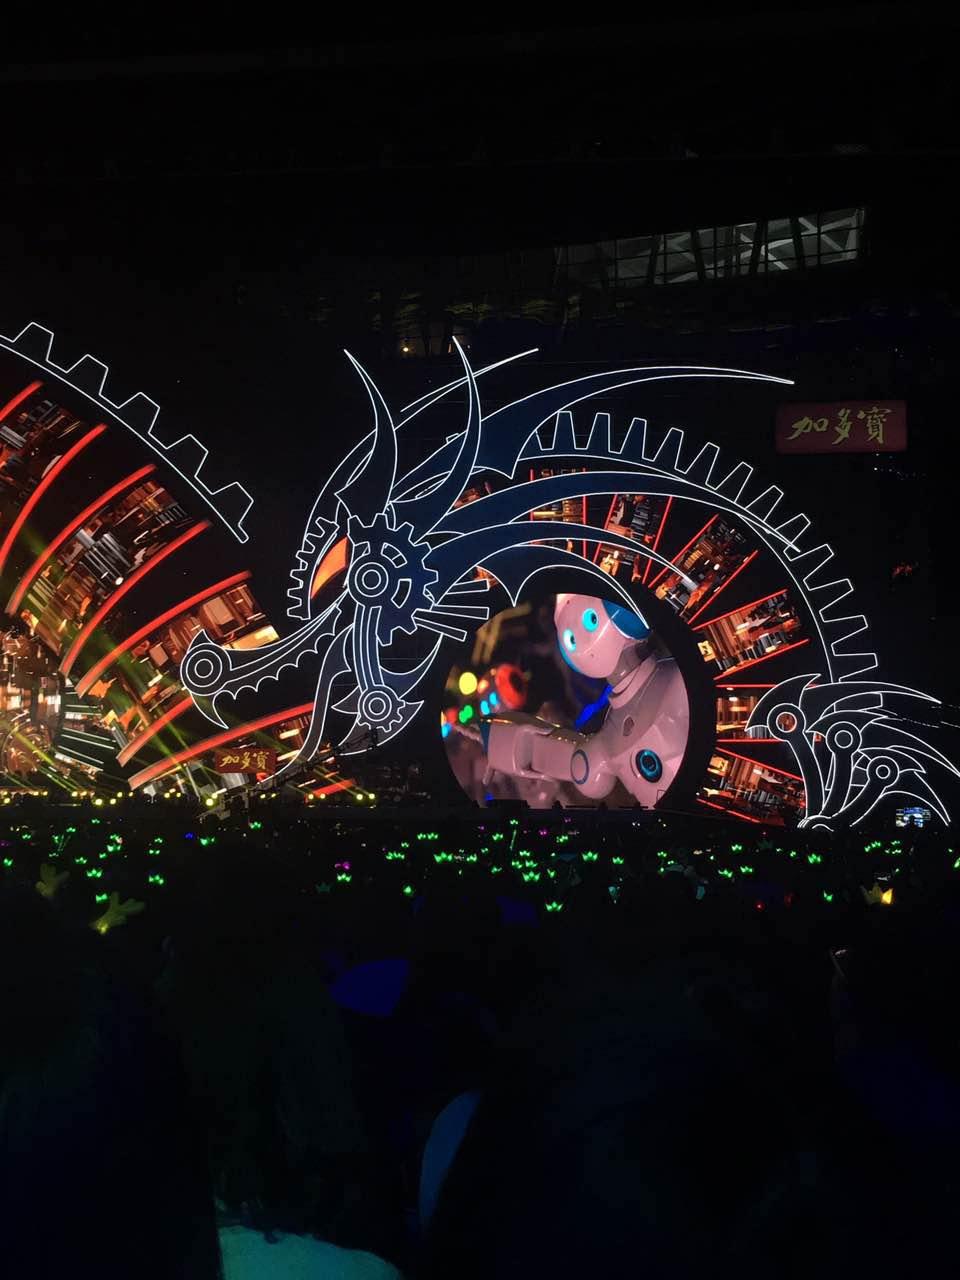 浙江卫视跨年演唱会出现了一群特殊的舞者图片